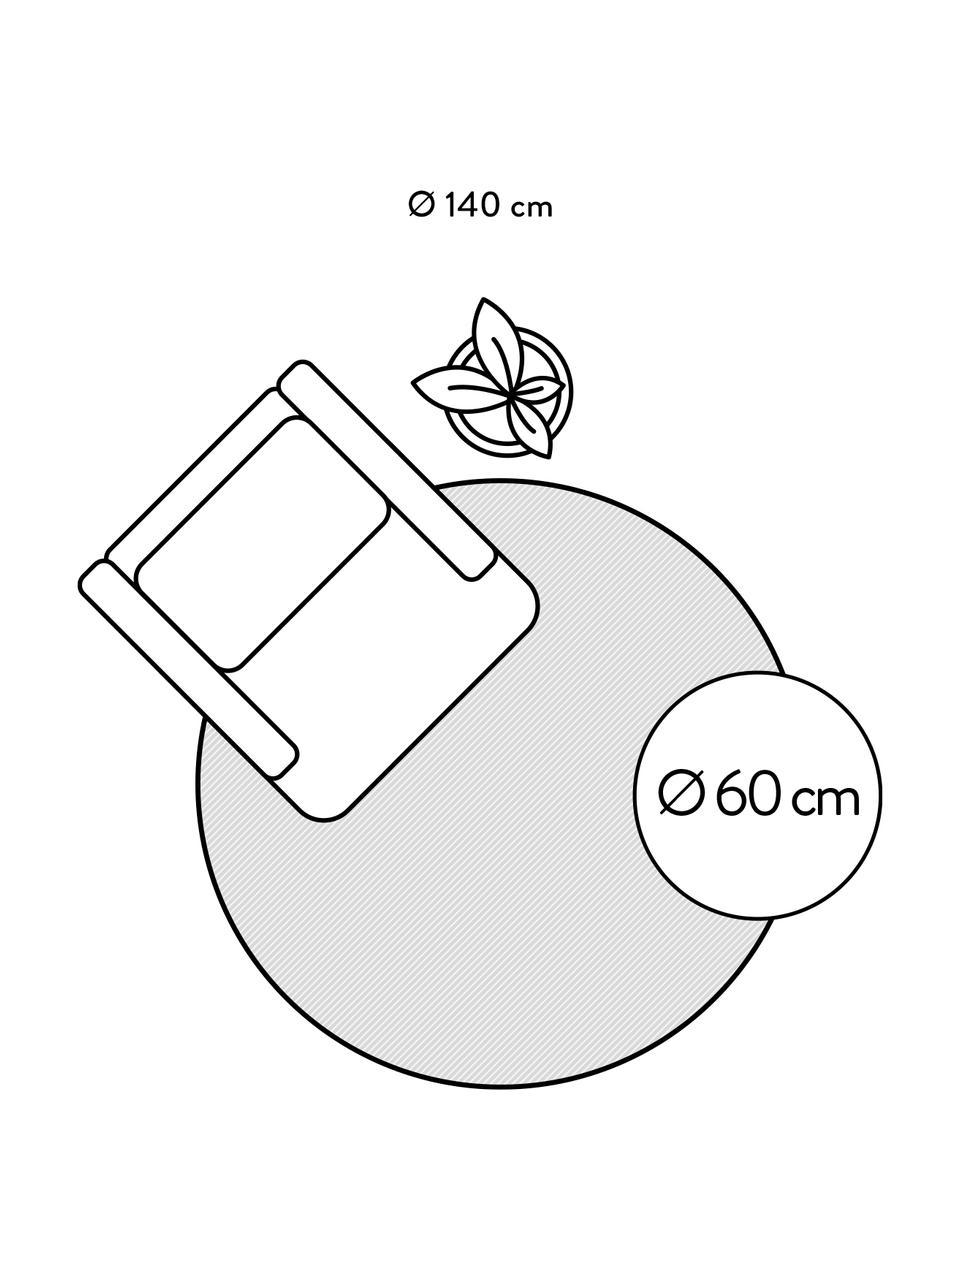 Rond pluizig hoogpolig vloerkleed Naima, handgetuft, Bovenzijde: 100% polyester, Onderzijde: 100% katoen, Beige, zwart, Ø 140 cm (maat M)